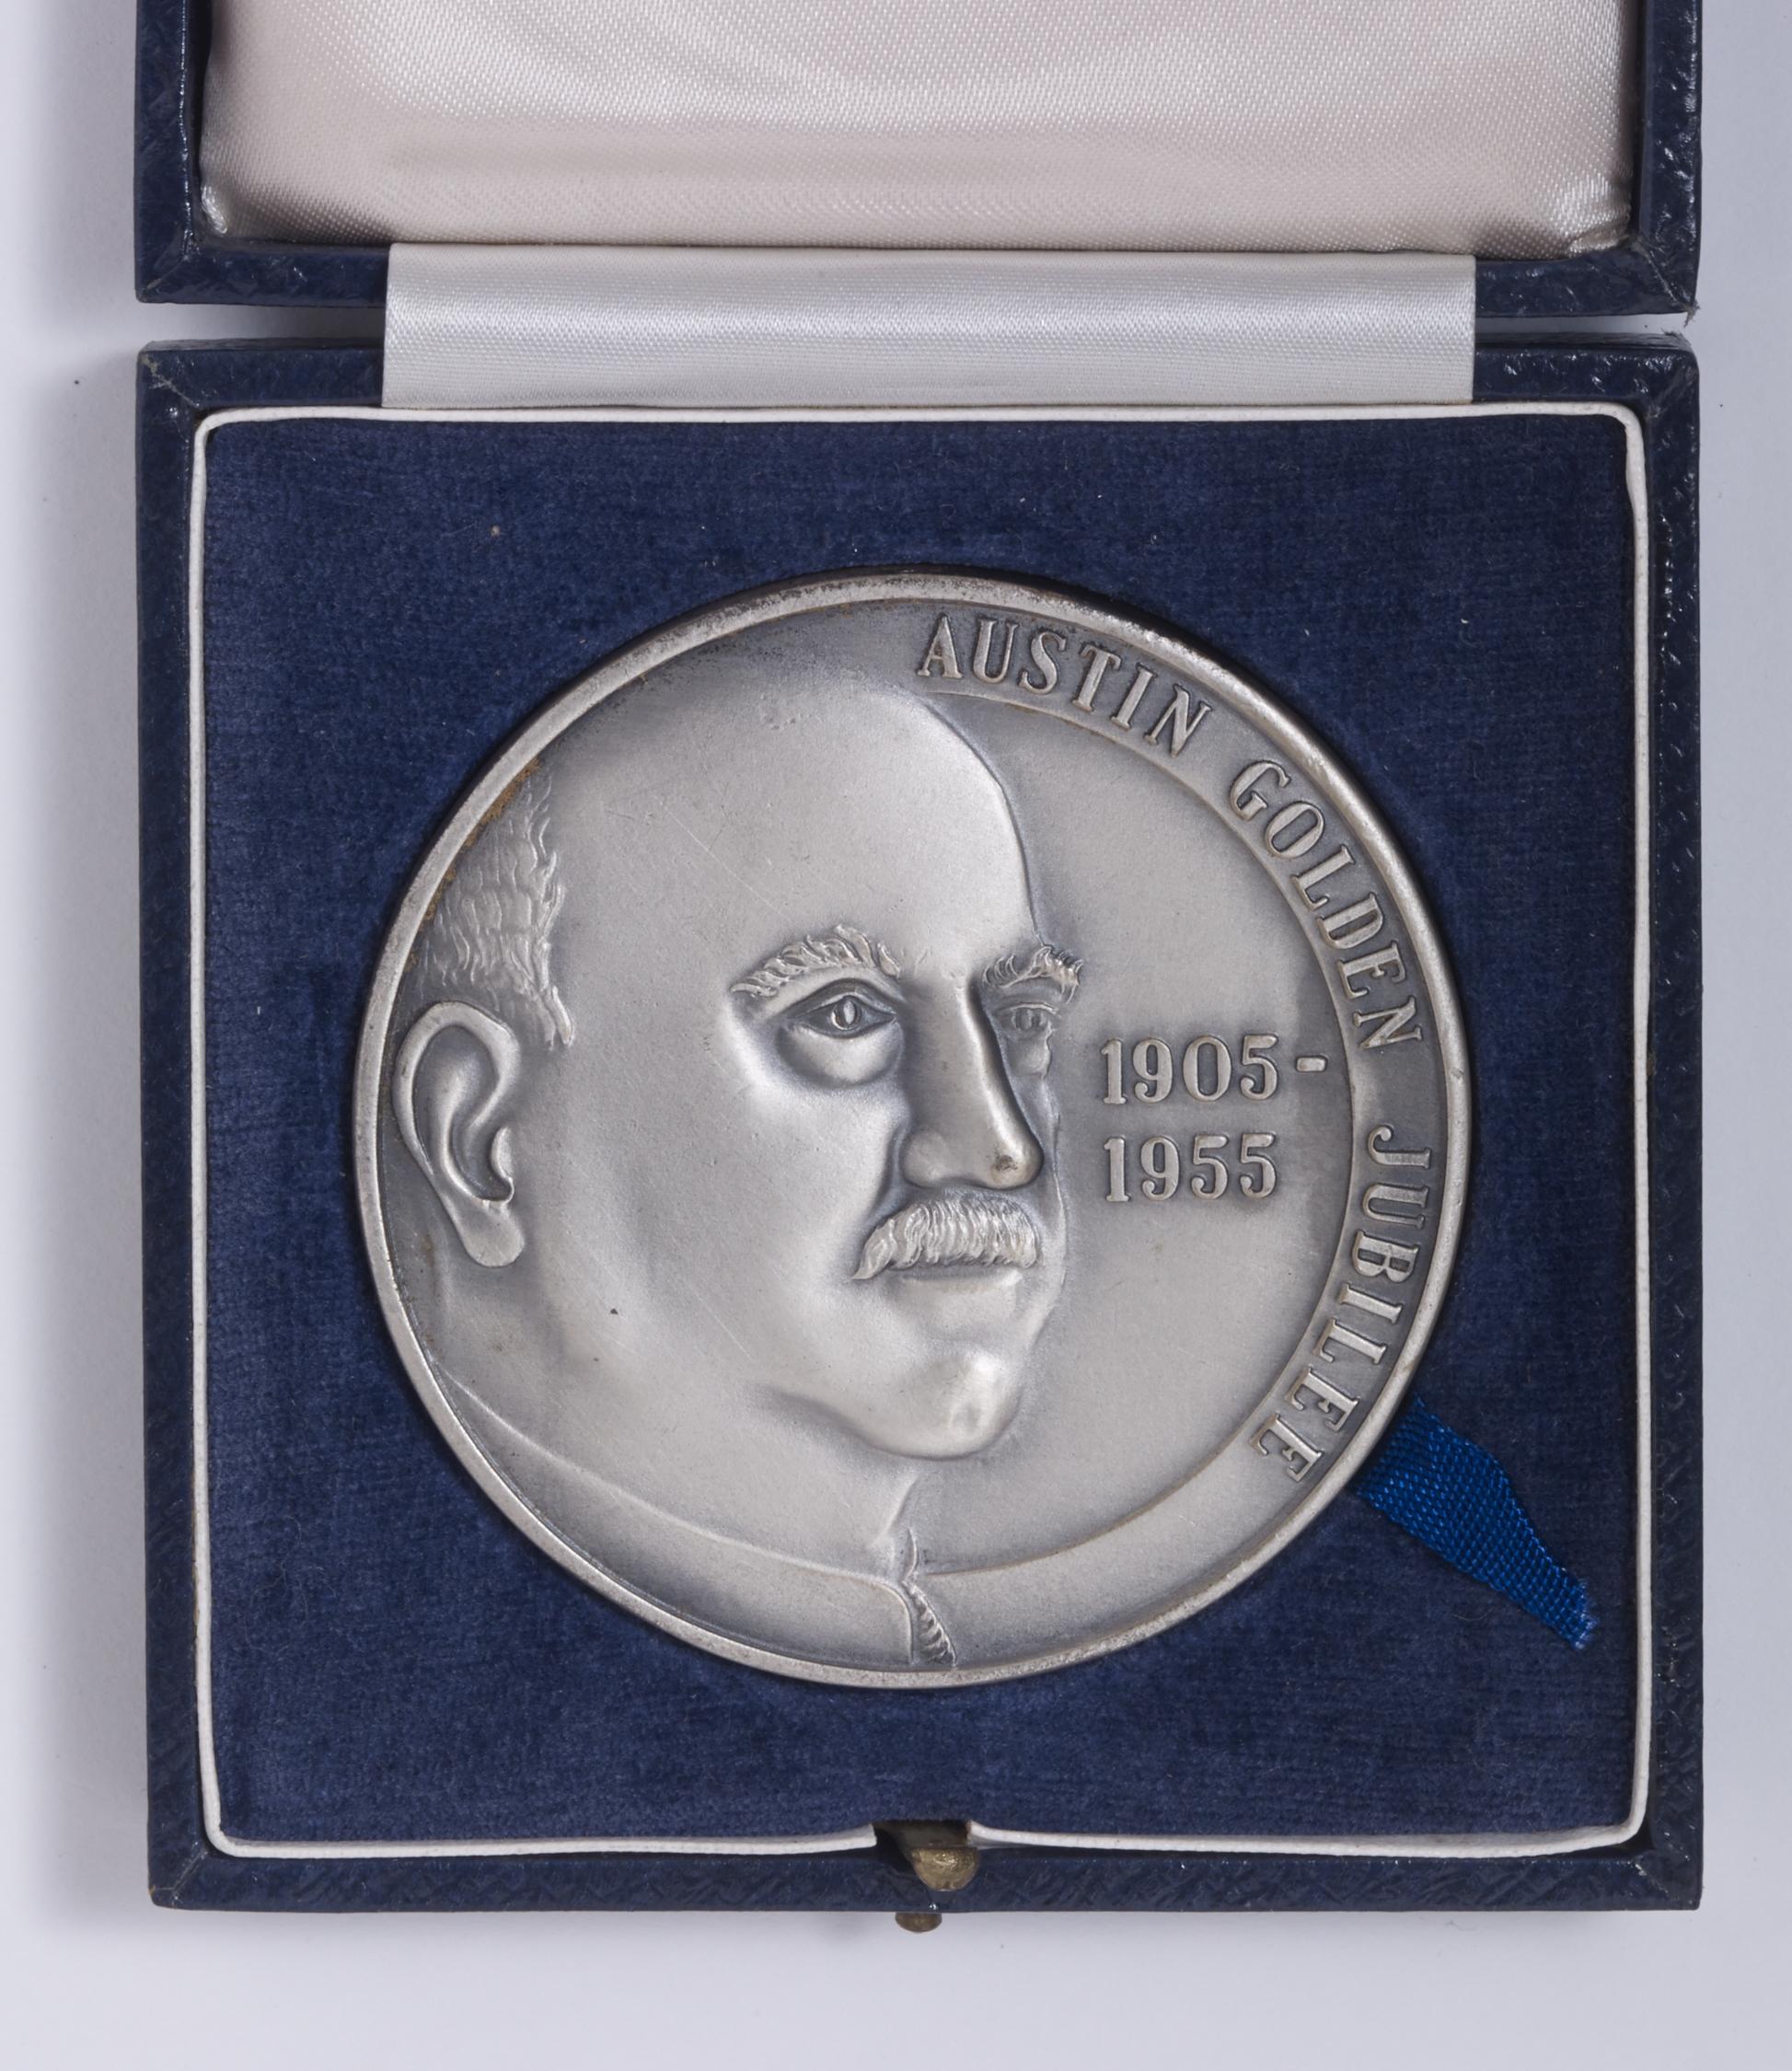 Austin Golden Jubilee 1905 - 1955  - Herbert Austin side of coin - box open Image